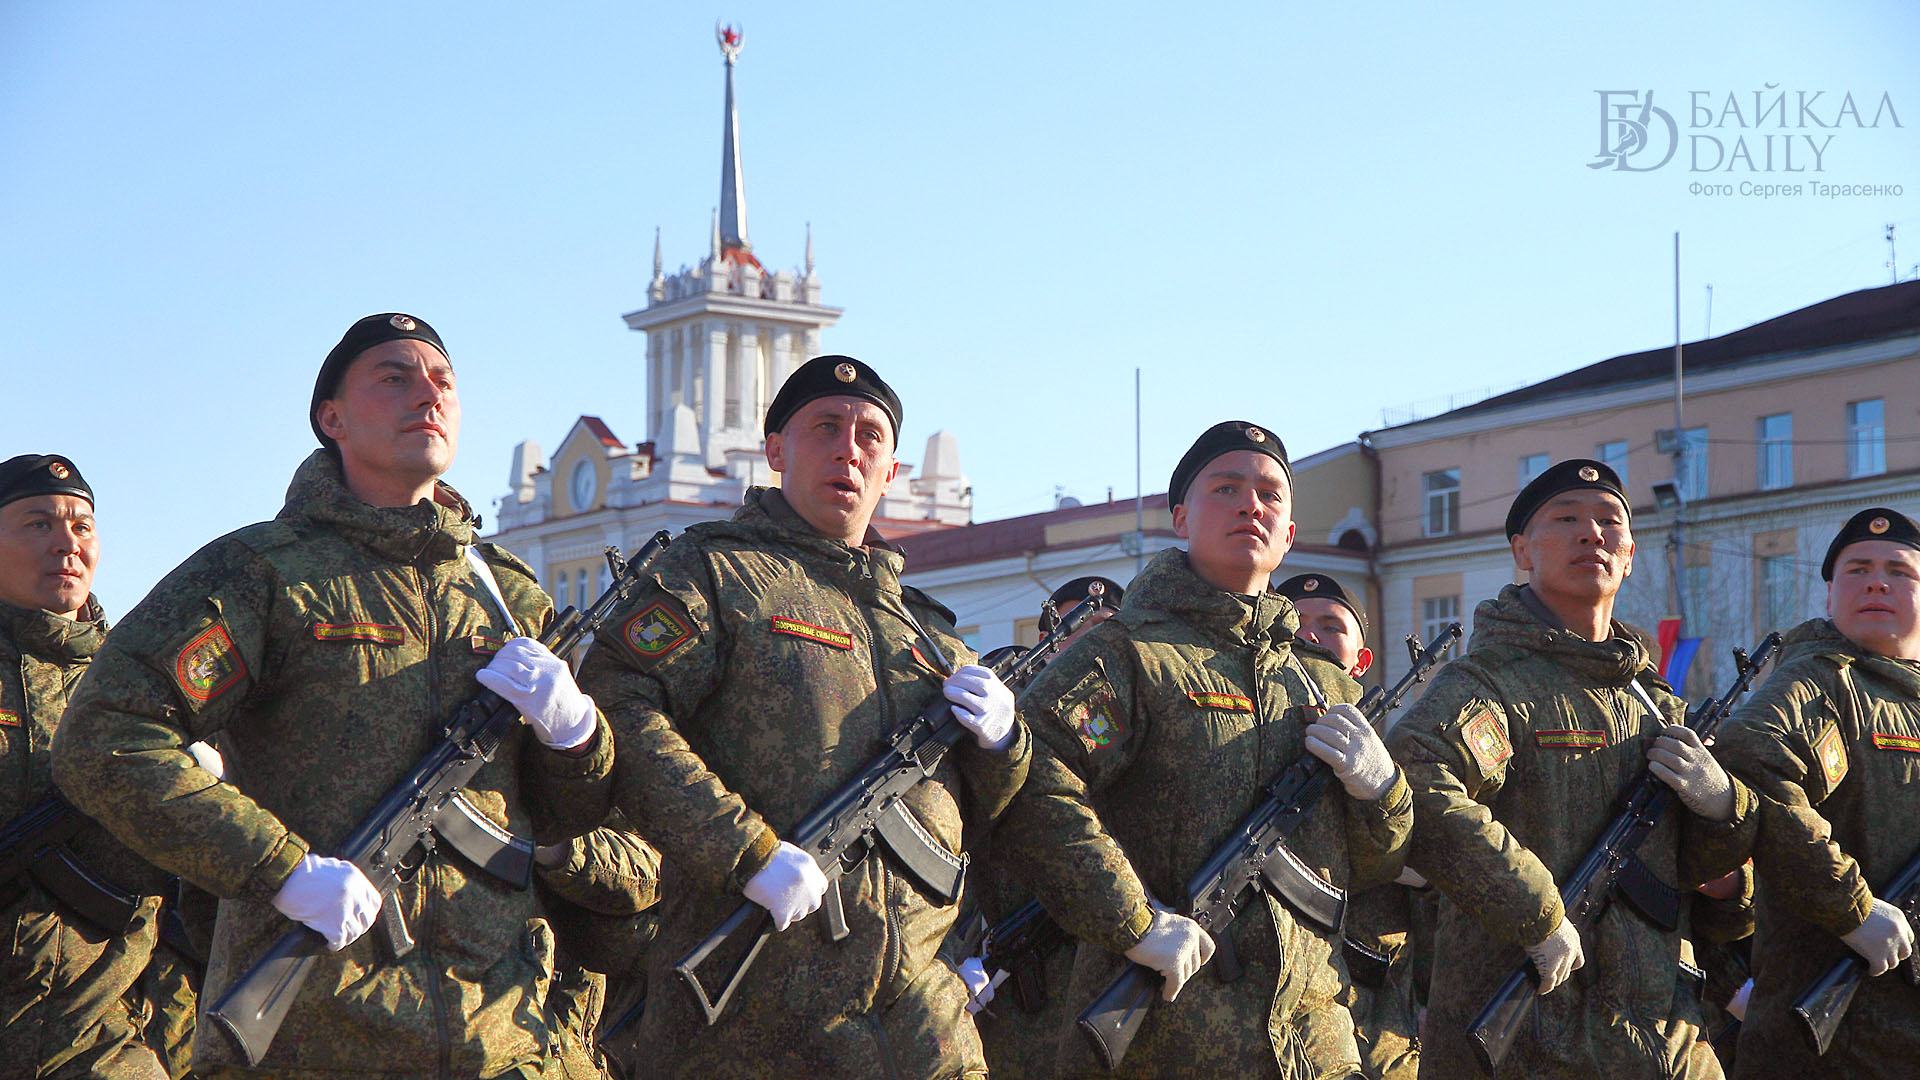 بروفة استعراض يوم النصر الروسي في 9 مايو 2019 تدخل مراحلها النهائيه  IMG_8855_1920